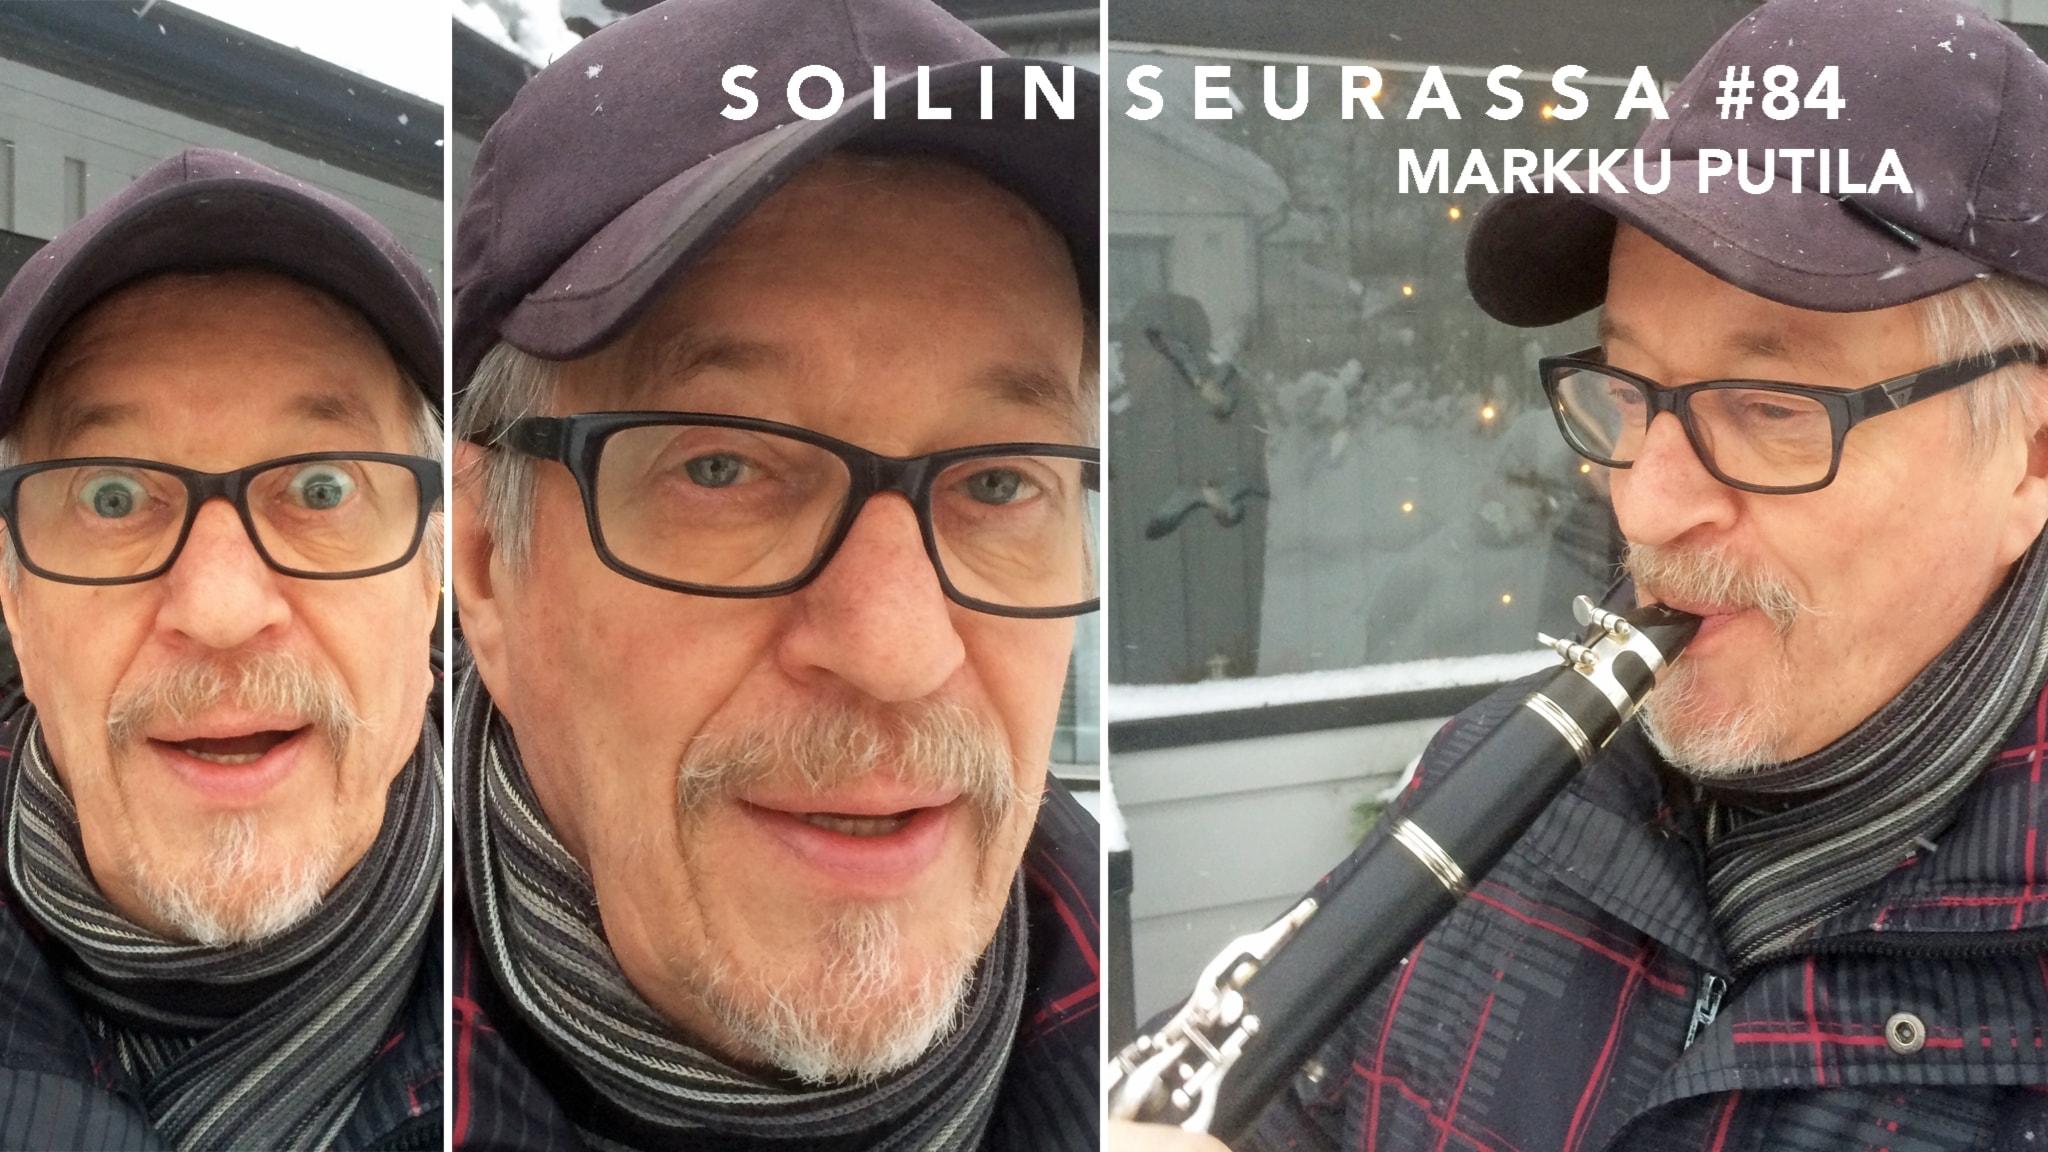 Kuoronjohtaja Markku Putila: Ruotsi on duuri, Suomi molli, ja hyvä ohjelmisto syntyy kun mollia ja duuria sopivasti sekoittaa